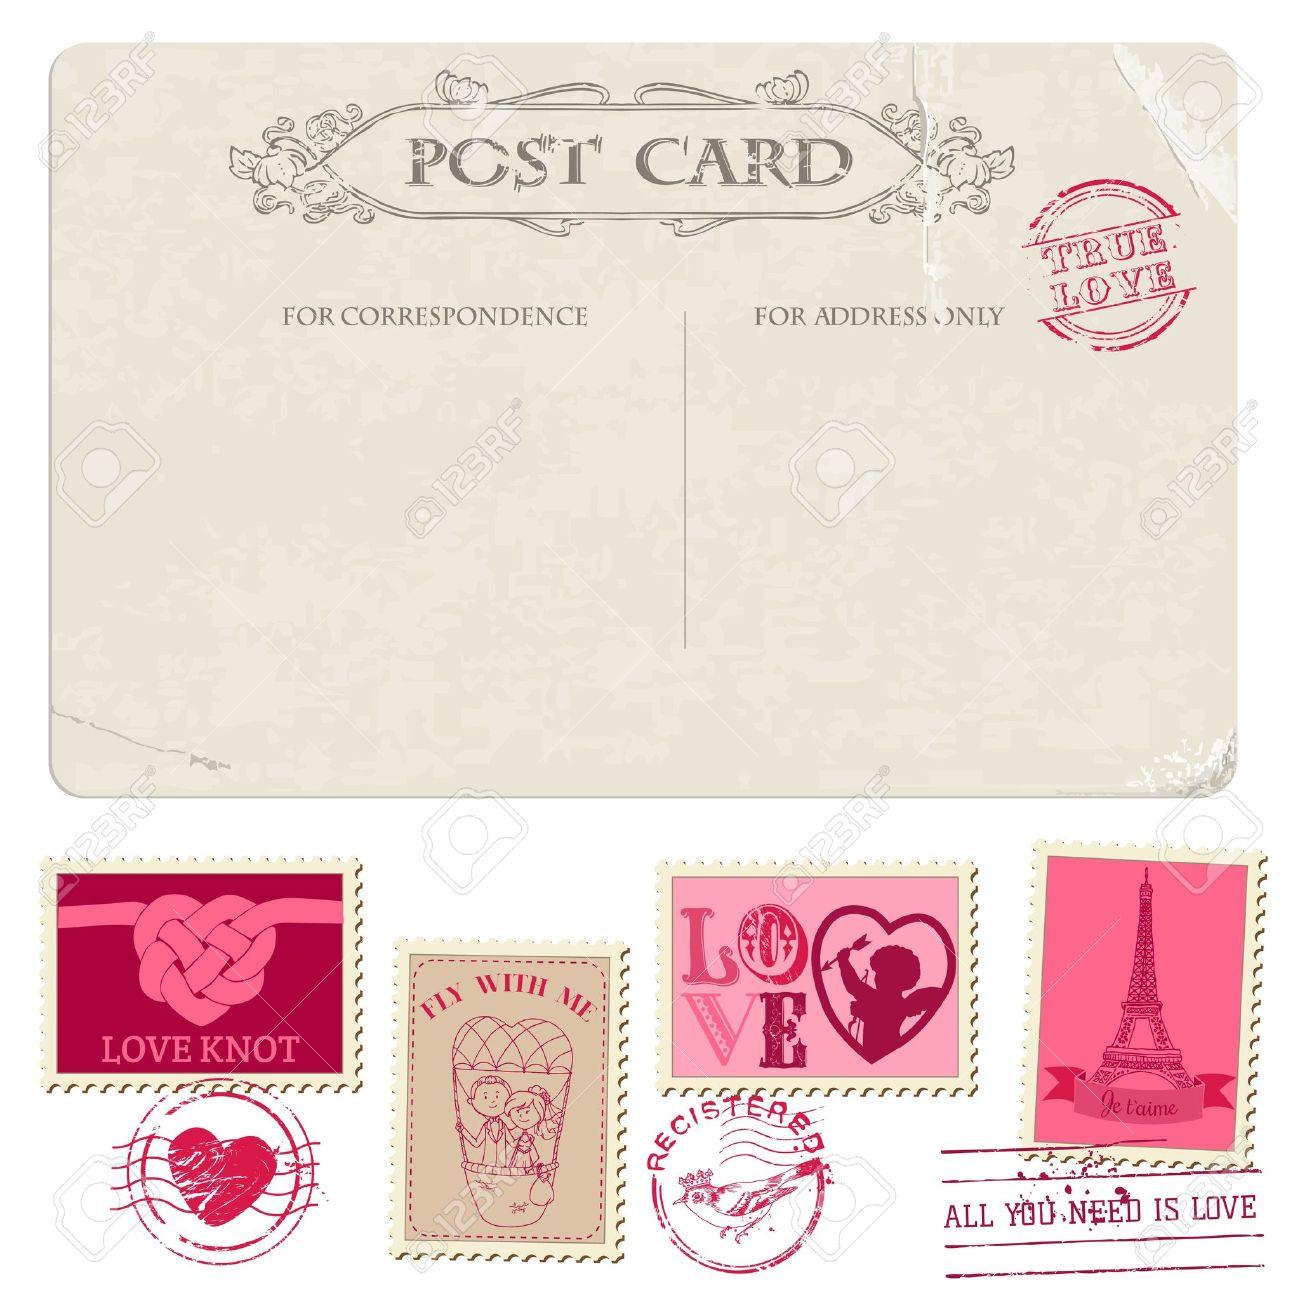 Postkarte Und Briefmarken   Für Hochzeit Design, Einladung, Glückwünsche,  Scrapbook Standard Bild